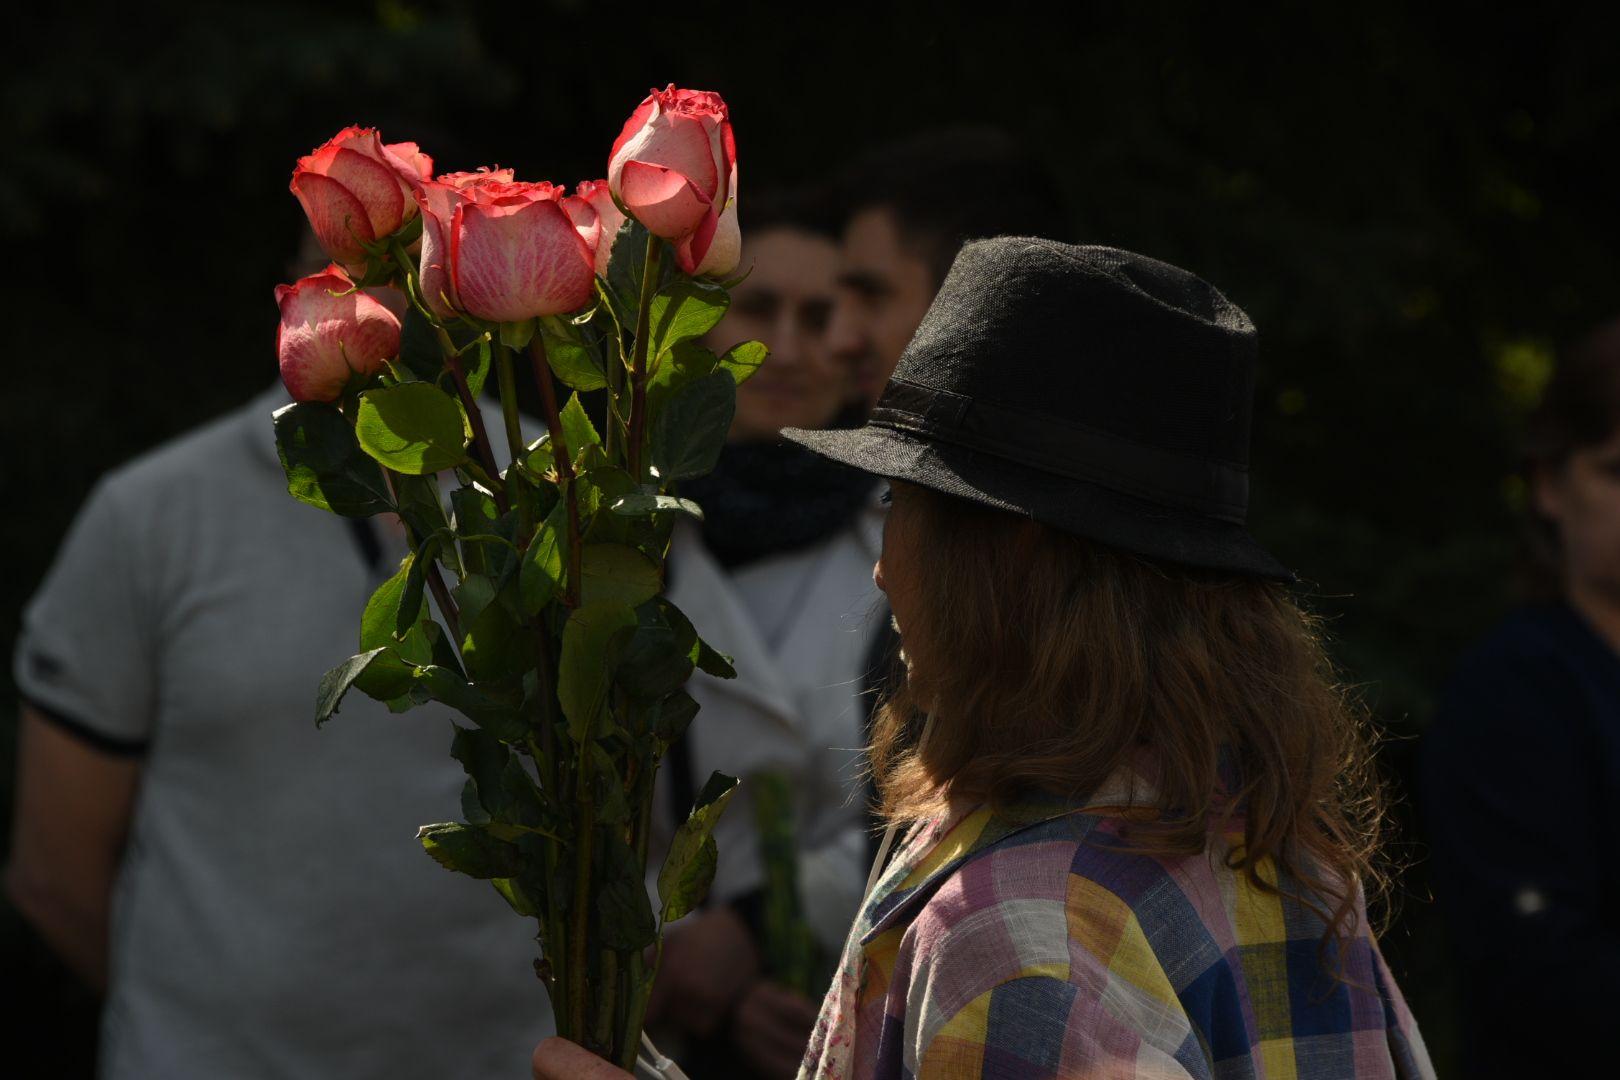 Столичные кладбища закроют для посещений из-за коронавируса. Фото: Пелагия Замятина,«Вечерняя Москва»